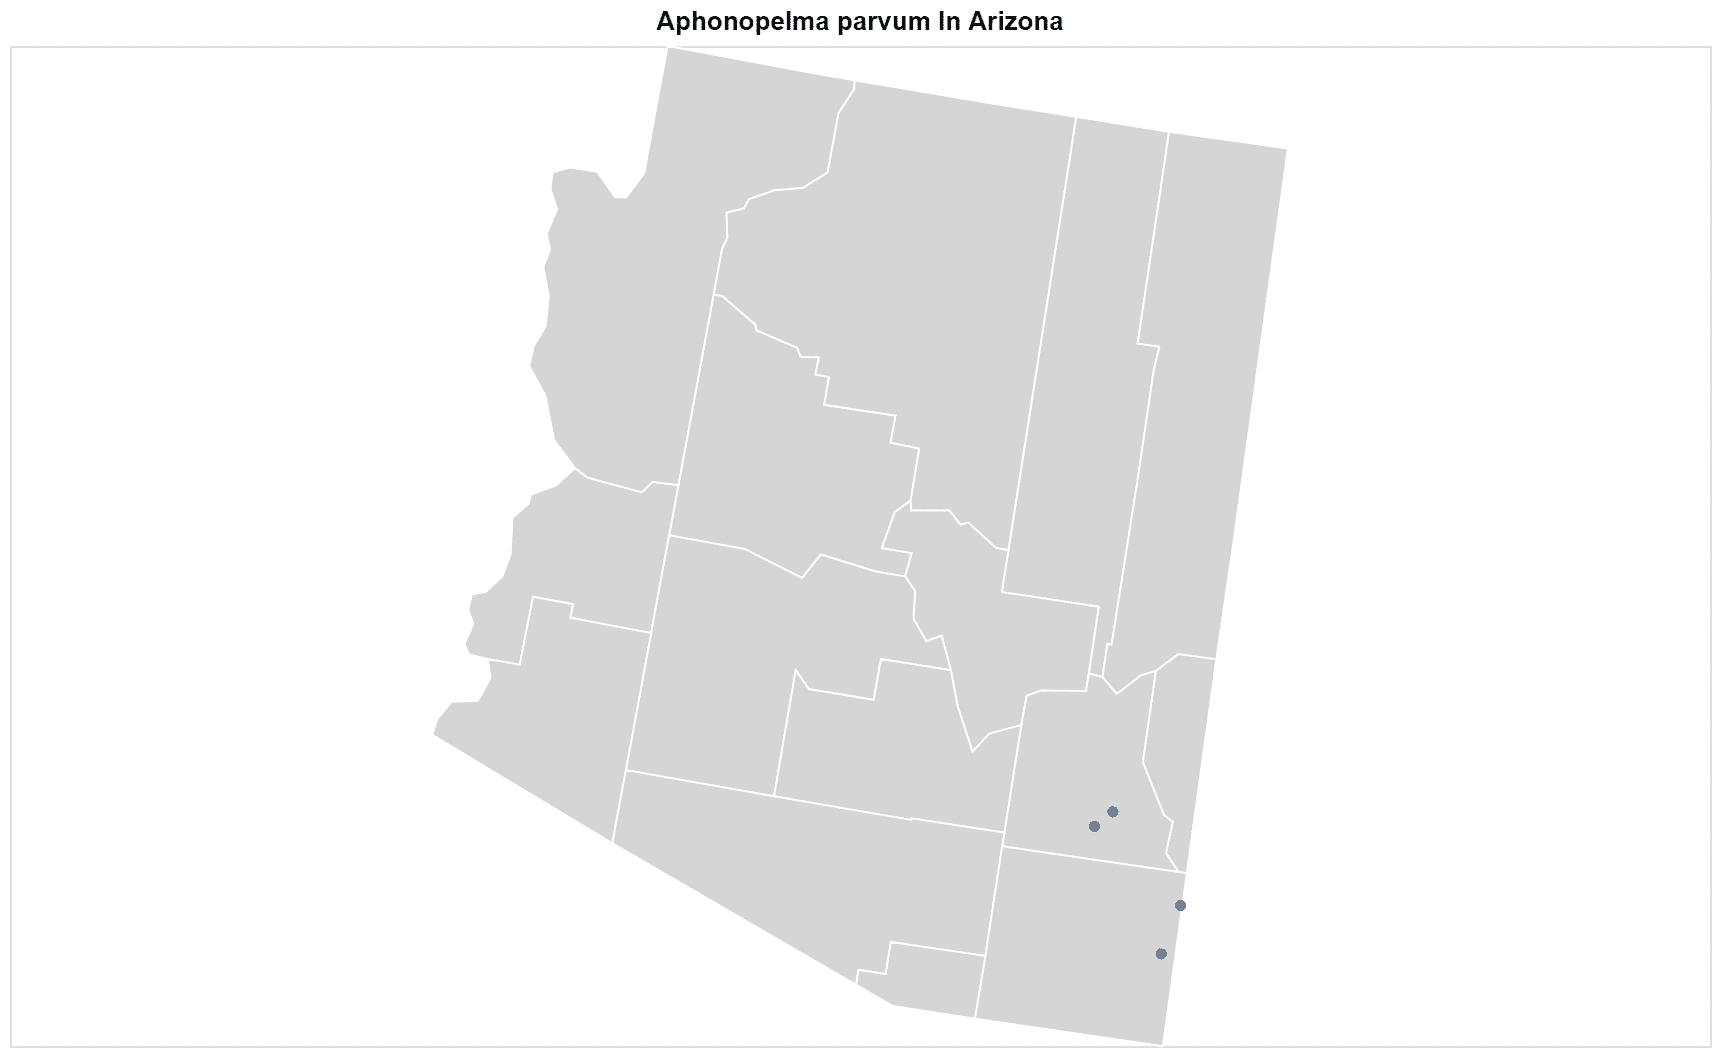 Aphonopelma parvum map